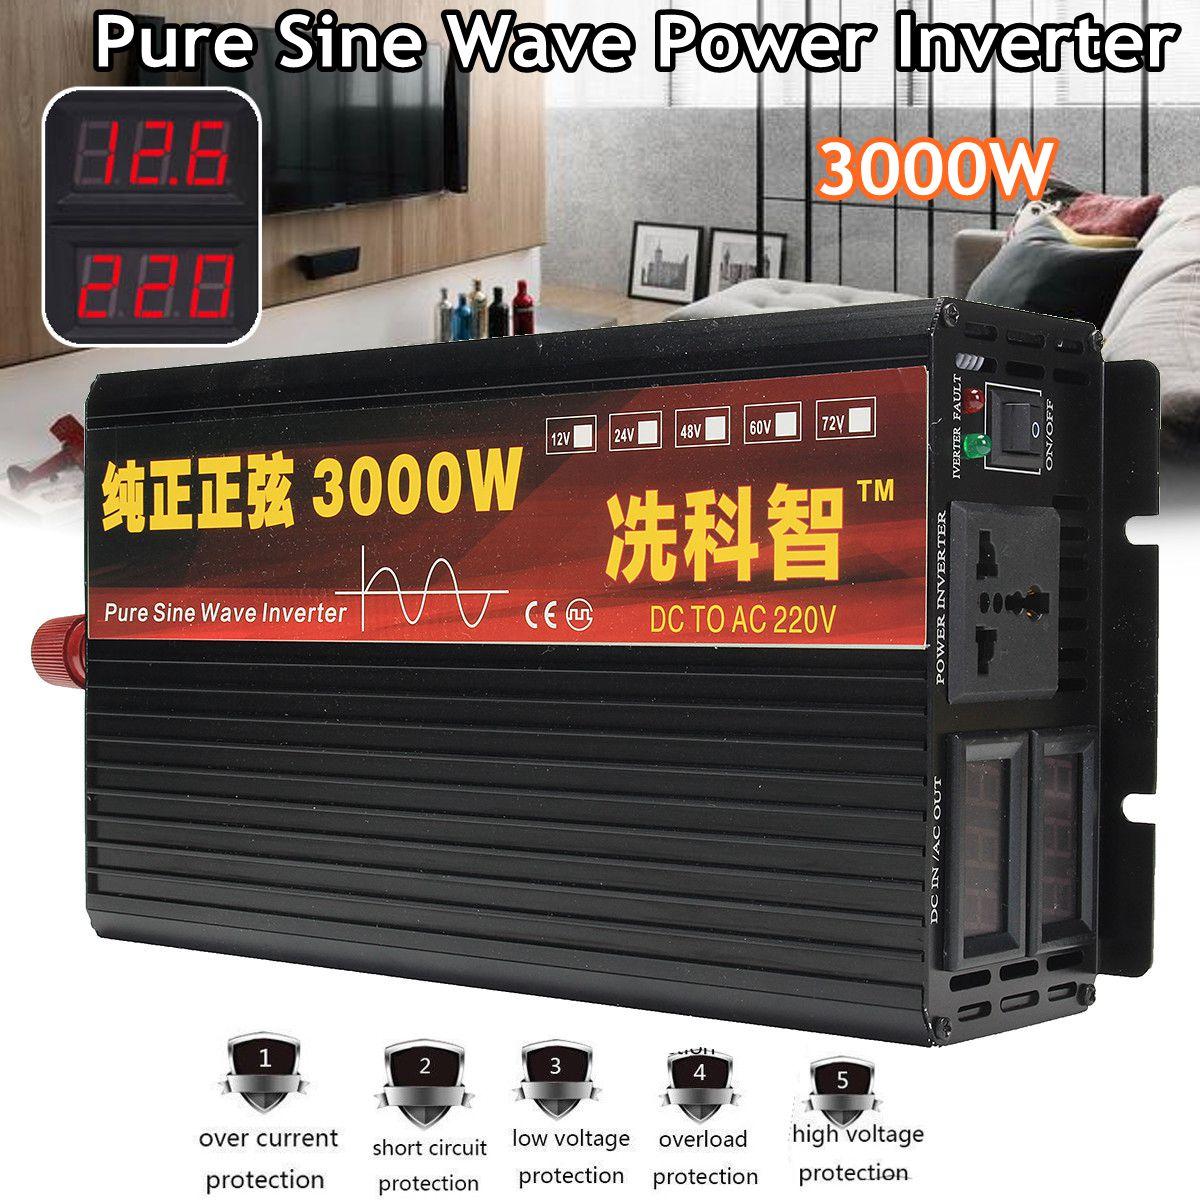 Inverter 12V 24V 220V 2000 3000 4000W Voltage transformer Pure Sine Wave Power Inverter DC12V to